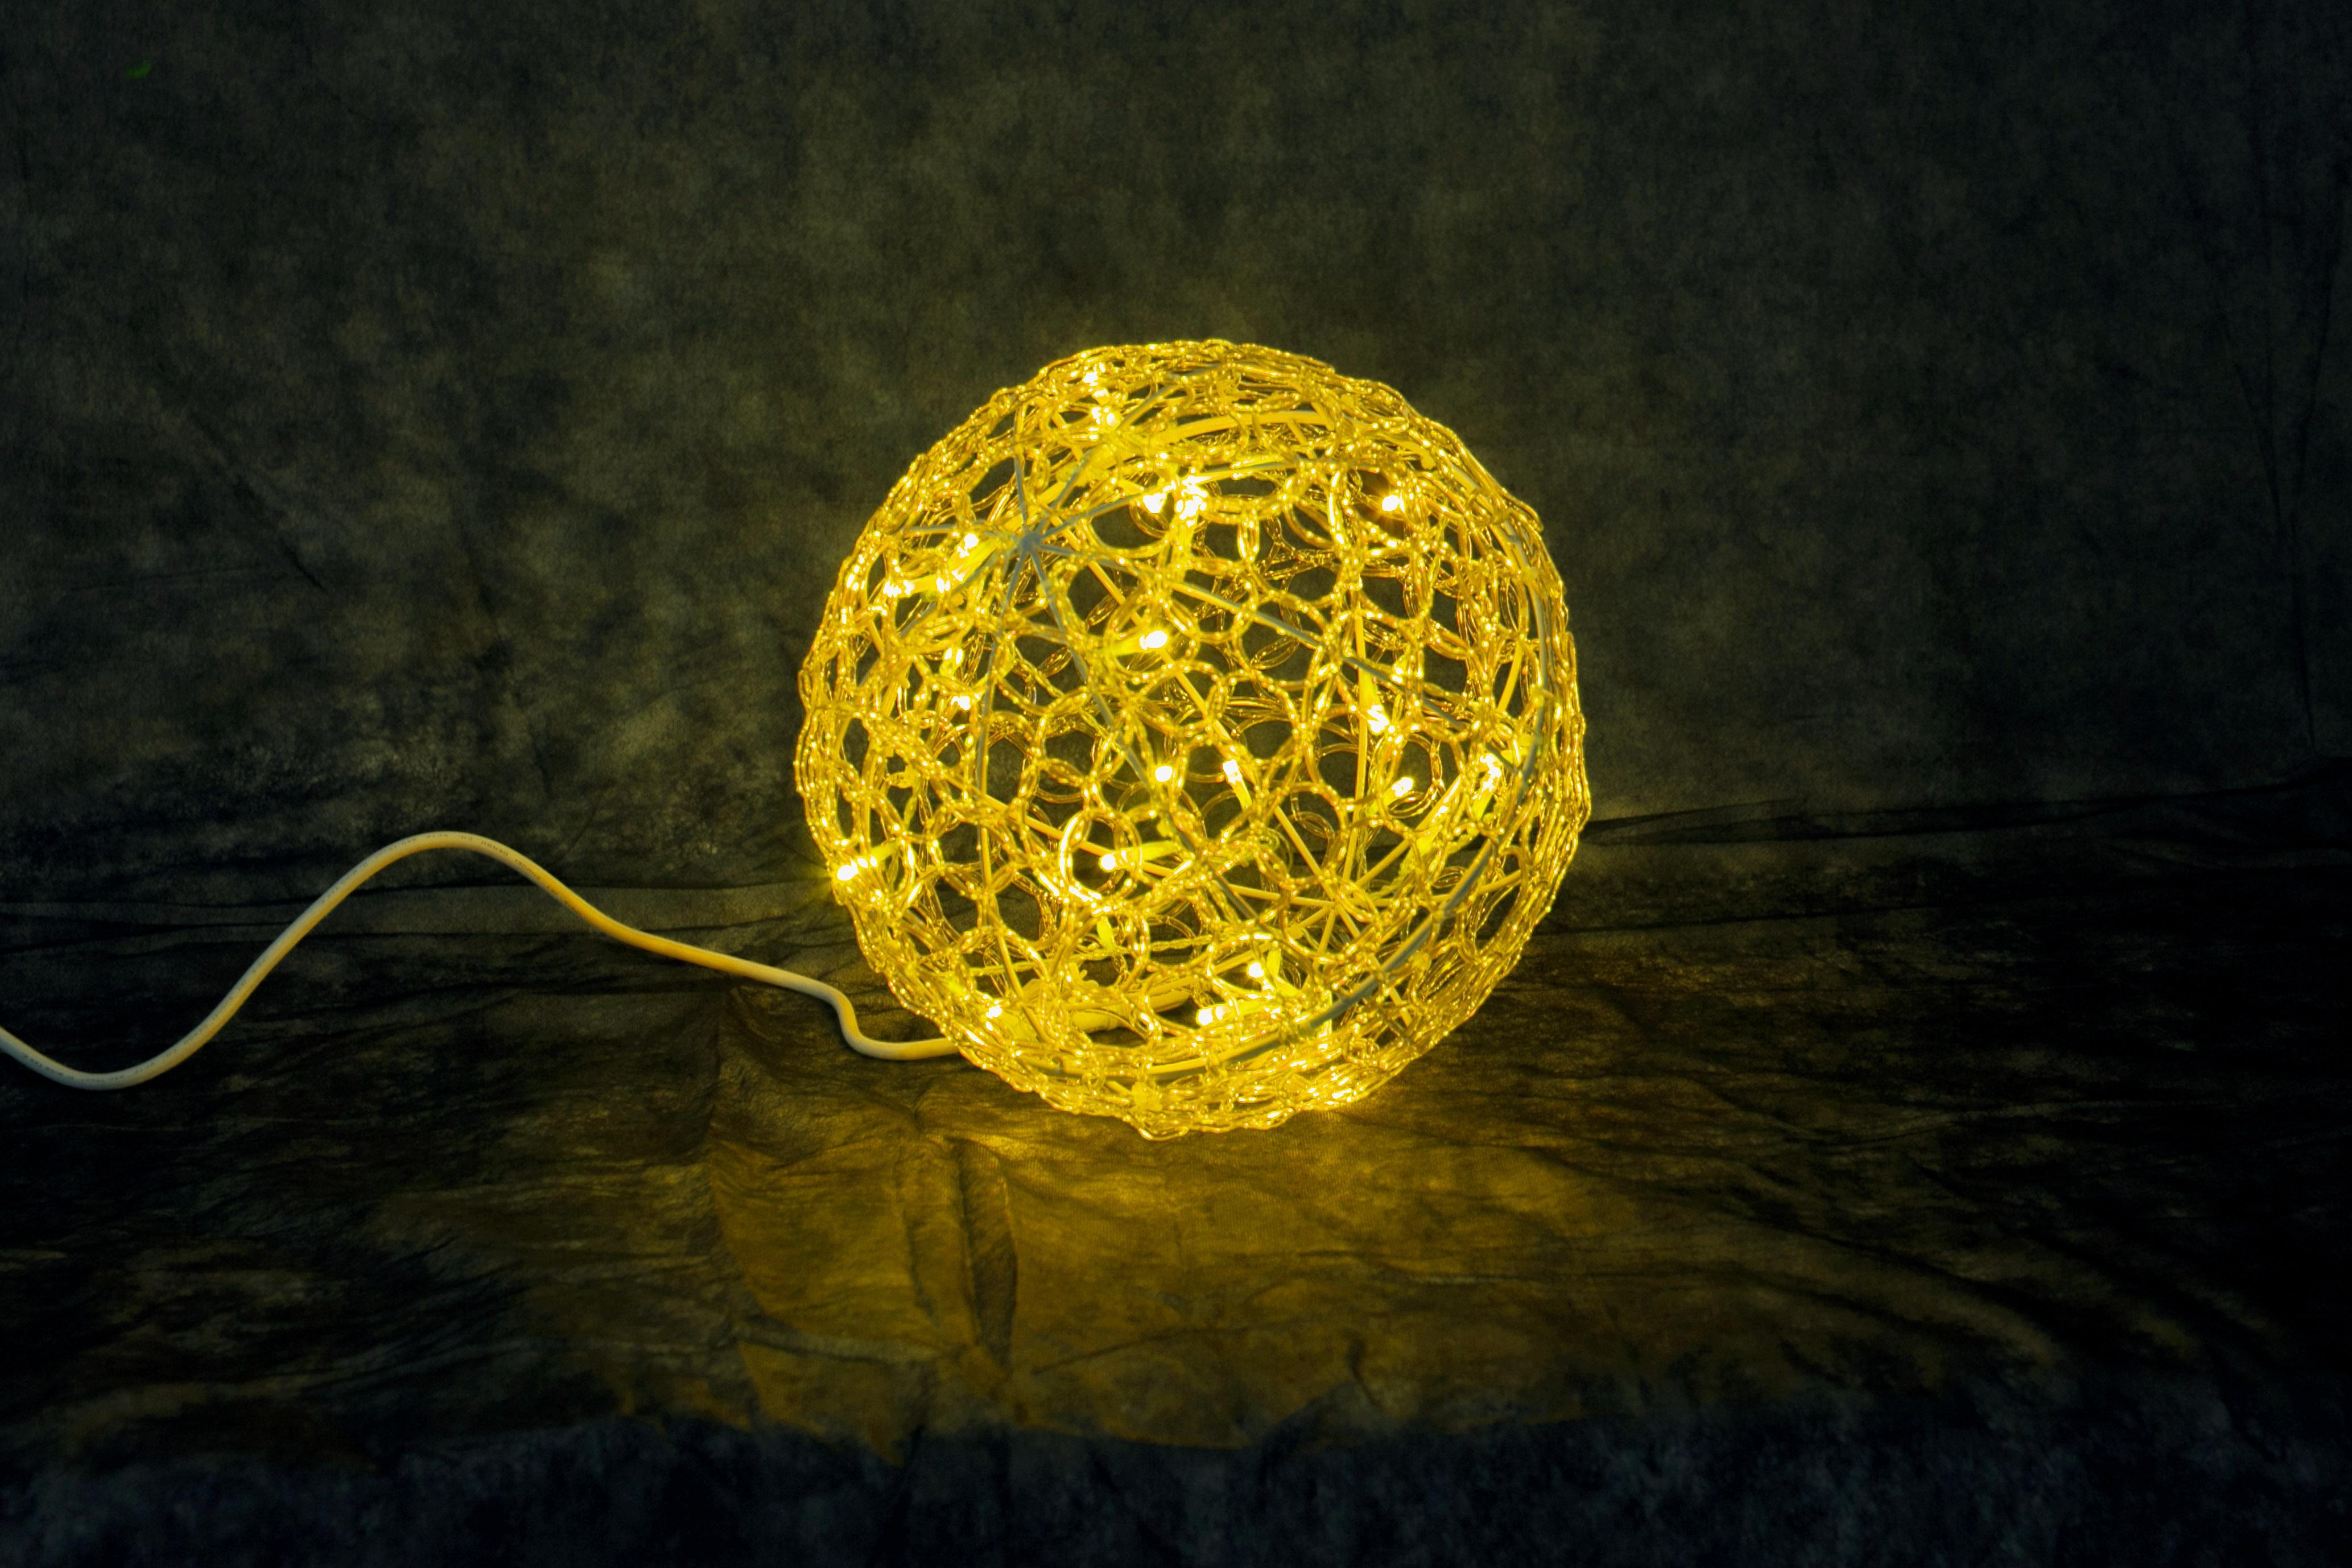 イルミネーション モチーフ クリスタルグローボール